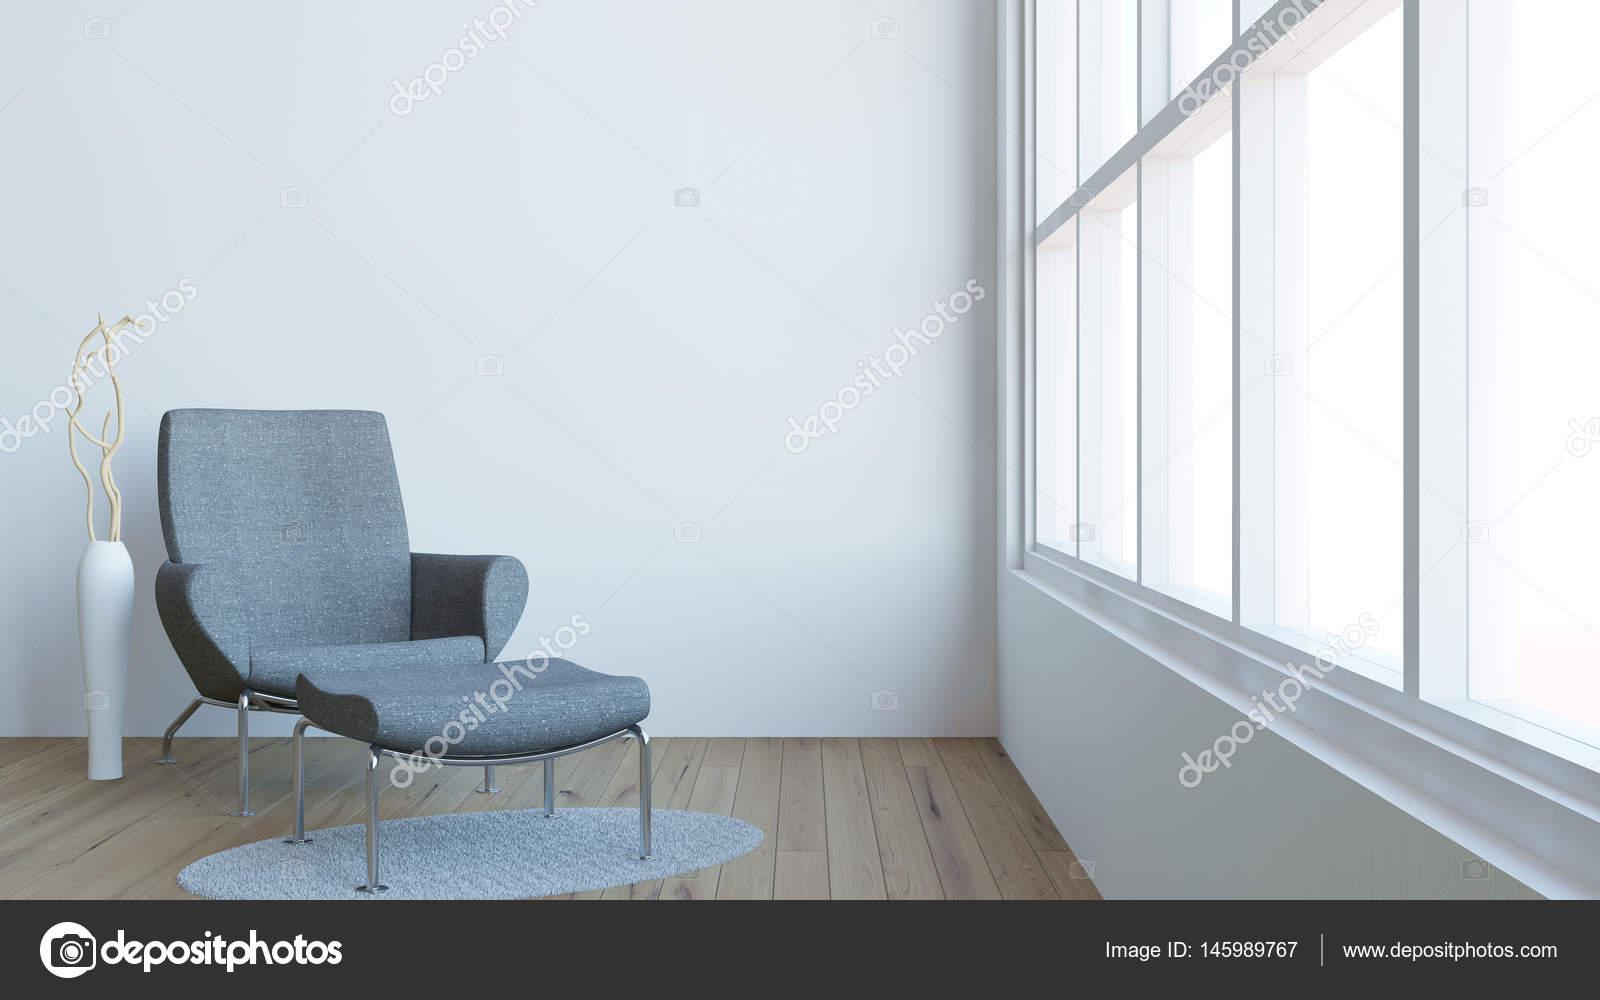 Modern interieur van woonkamer met donkere leunstoel en vaas